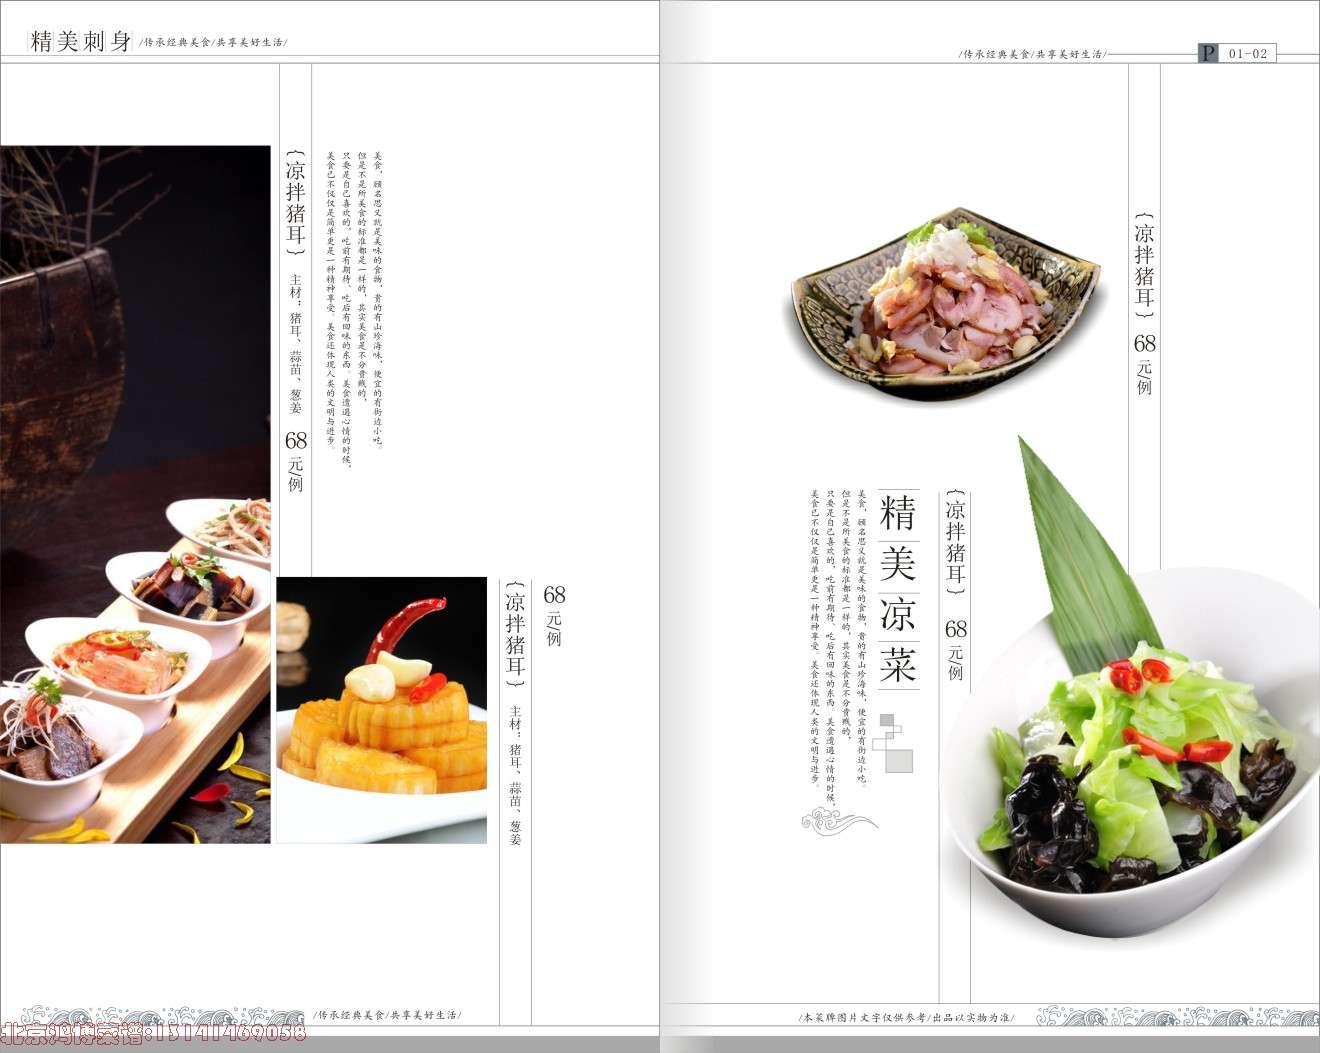 高檔菜譜設計,酒店菜譜制作,北京菜譜設計,北京菜譜制作,北京菜譜